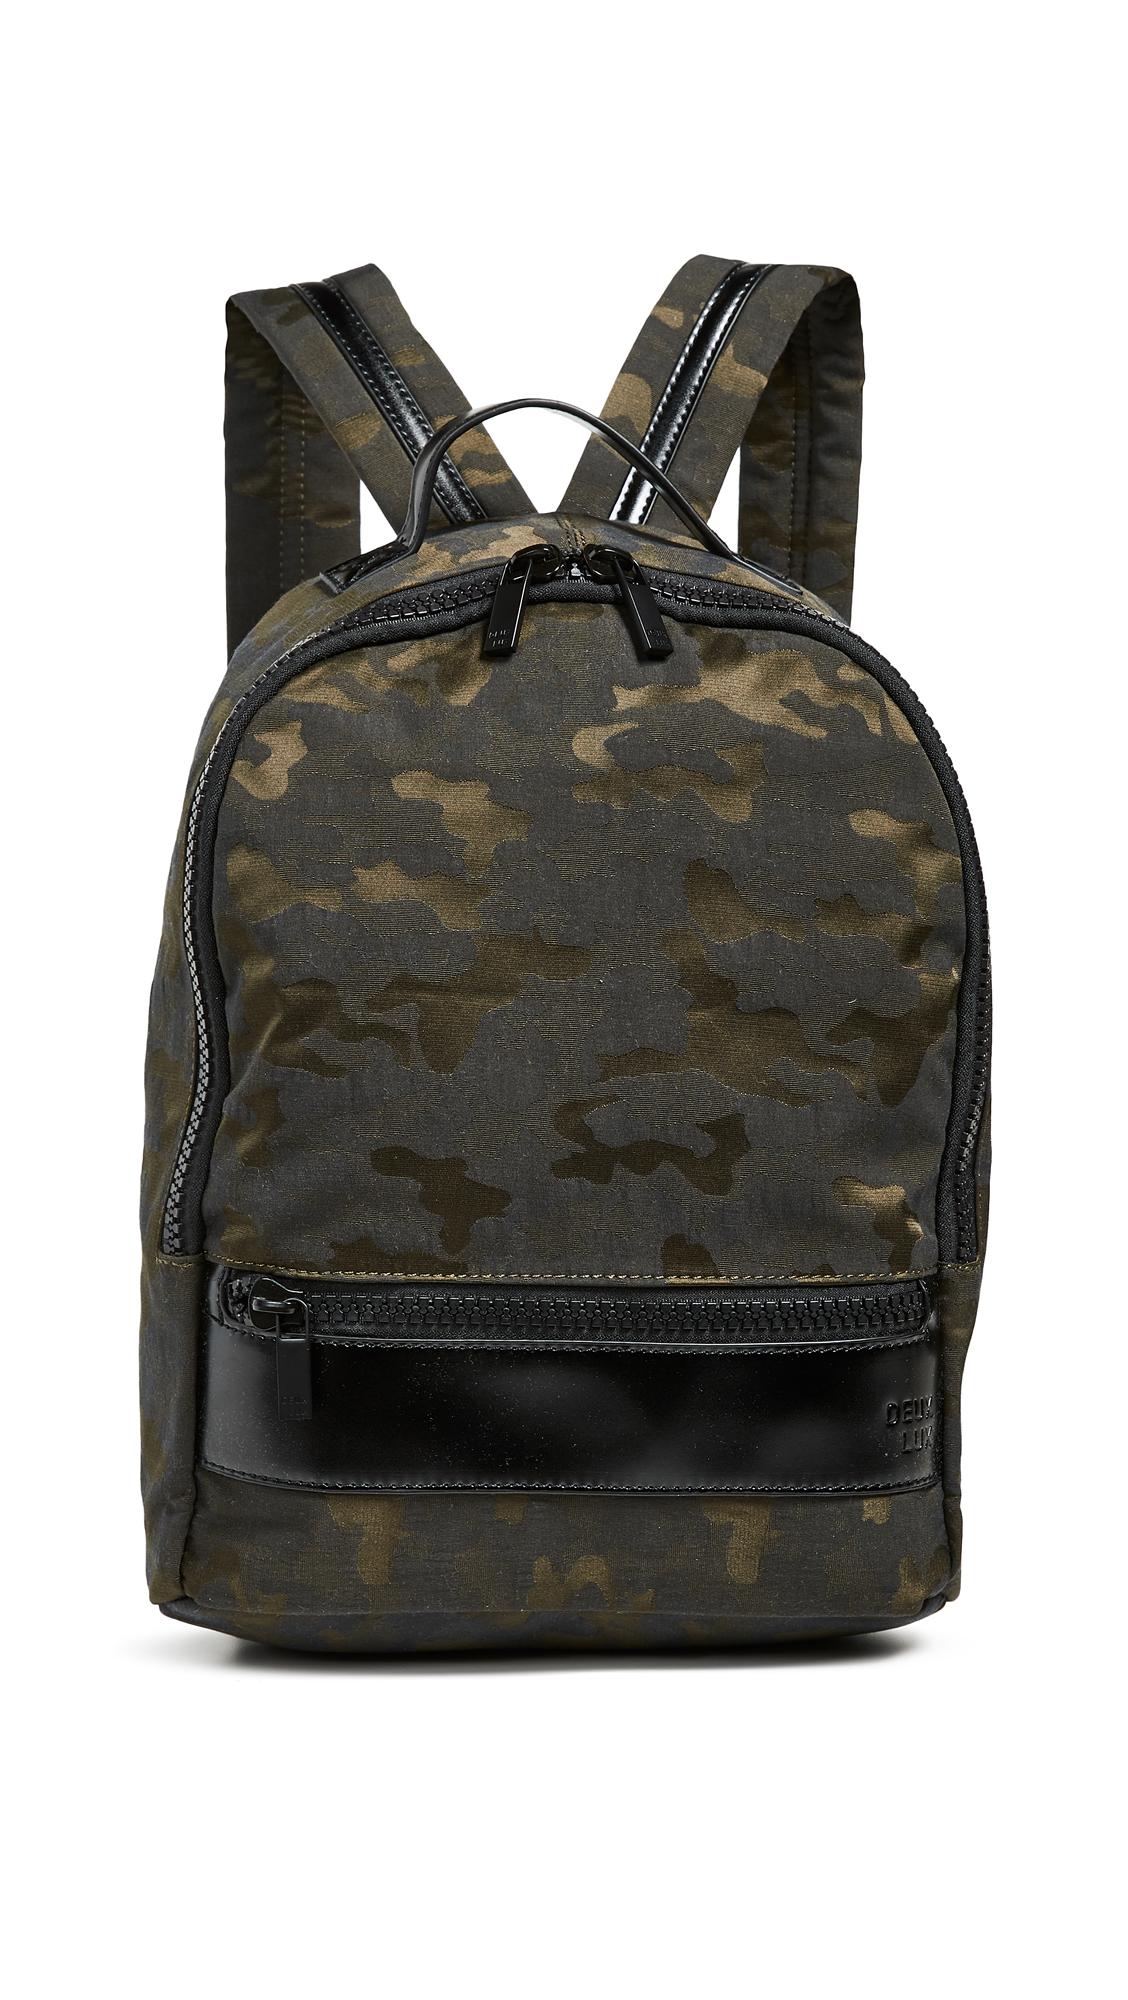 DEUX LUX Flow Backpack in Olive